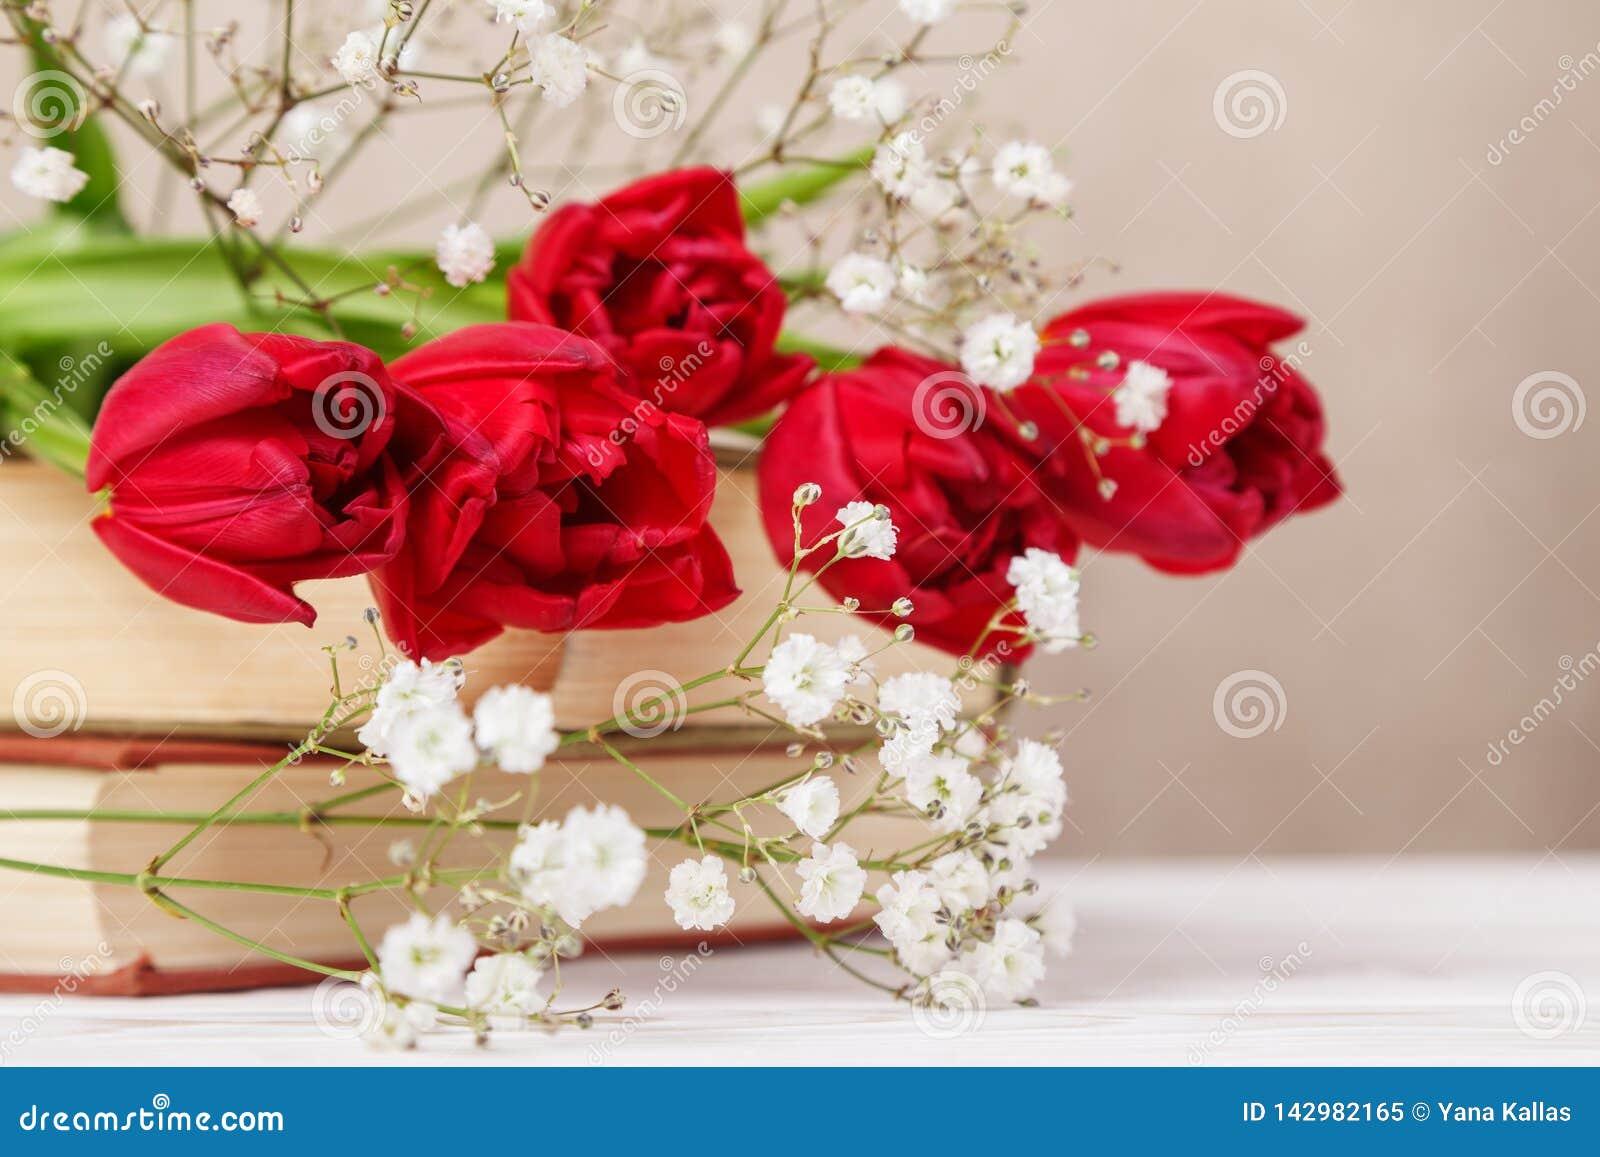 Tappningstilleben med röda tulpan för en vår och böcker på en beige bakgrund Moders dag, kvinnors dagbegrepp